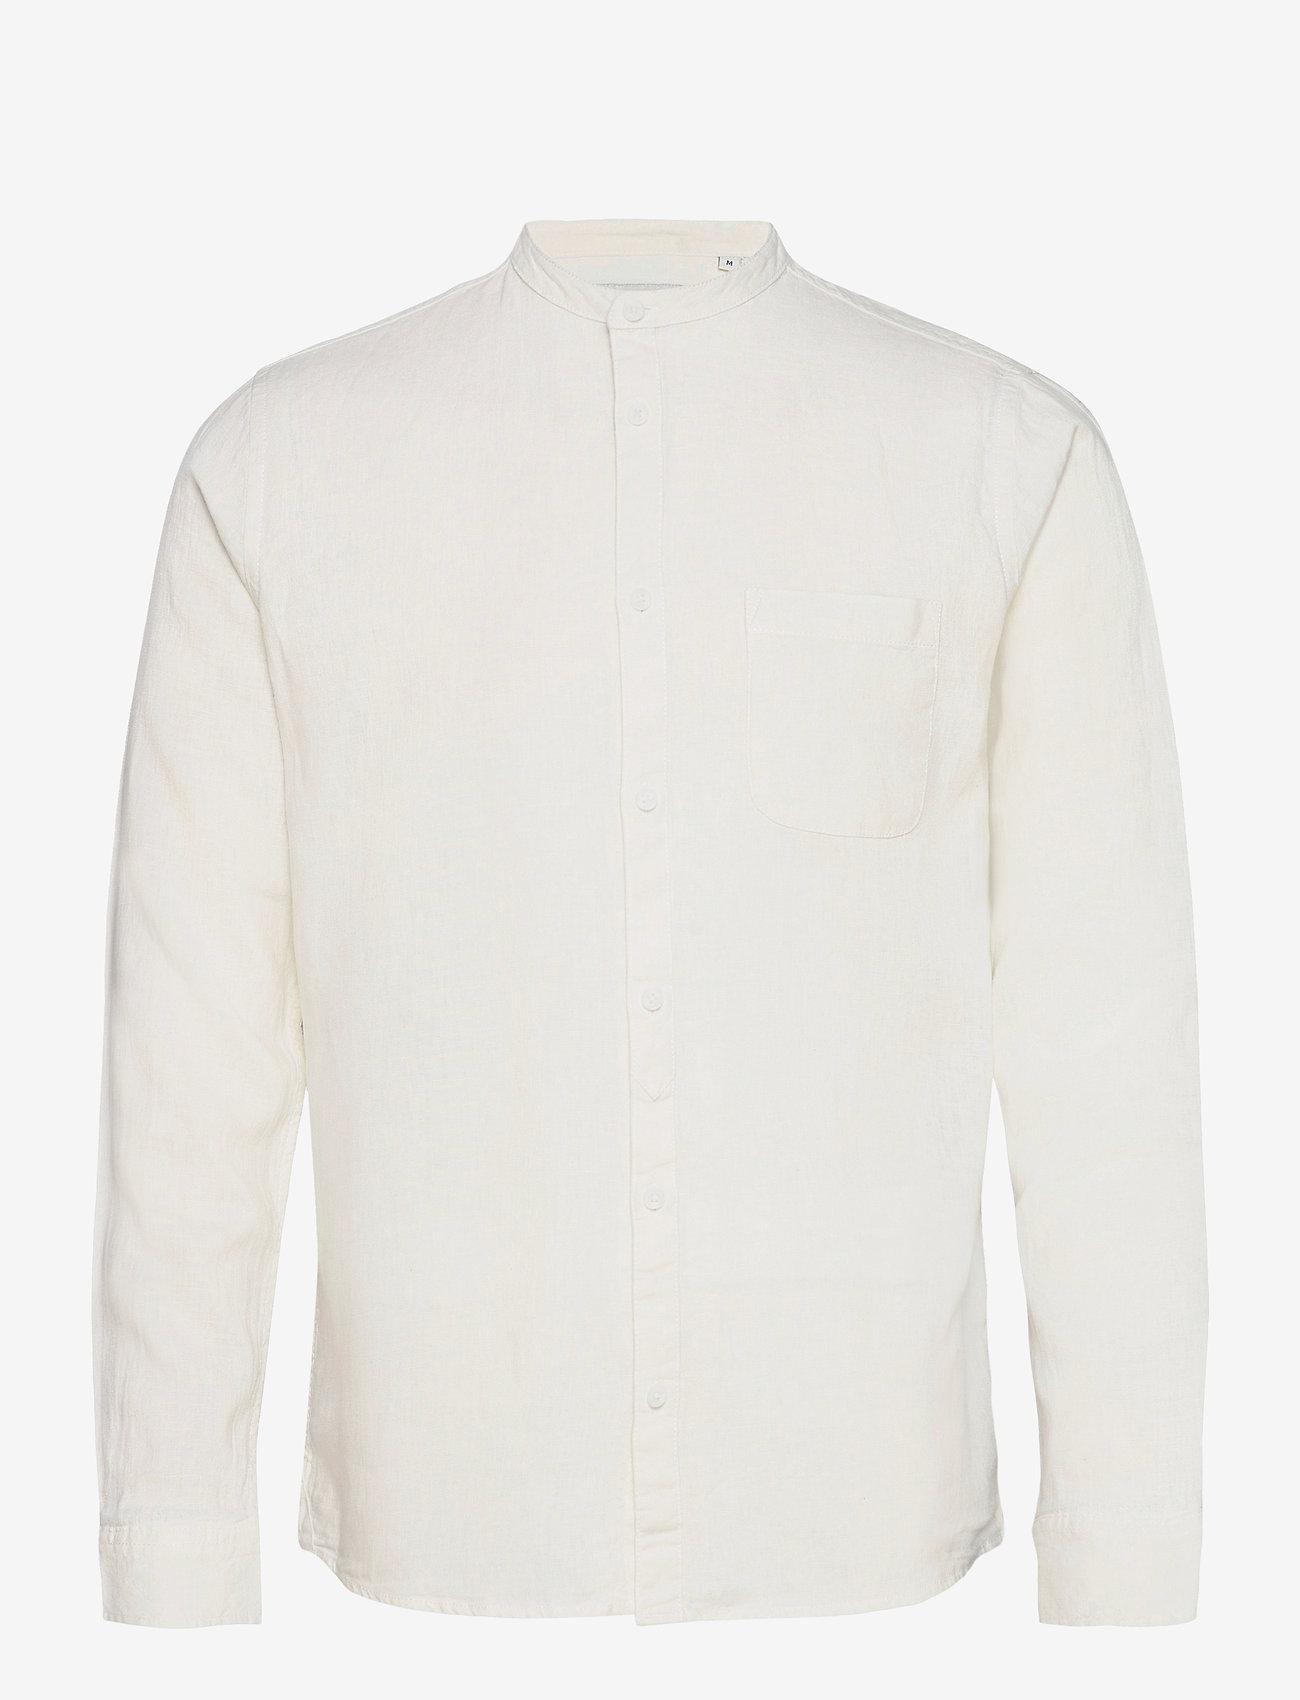 Solid - SDRadnor - koszule w kratkę - white - 0